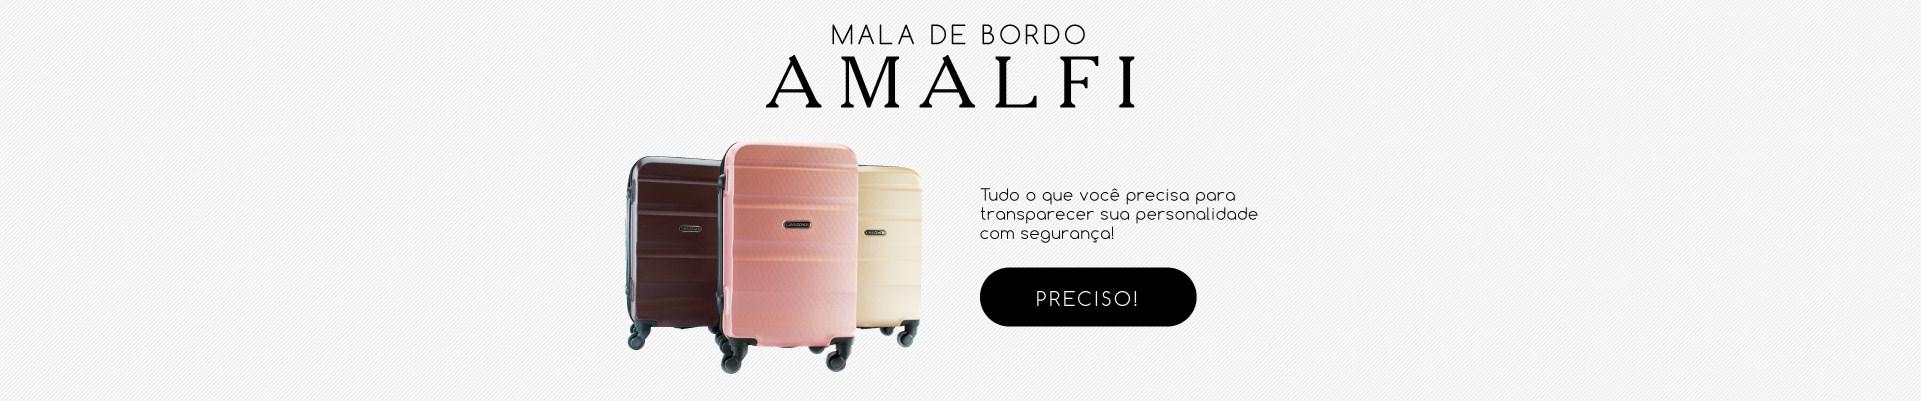 MALAS DE BORDO AMALFI